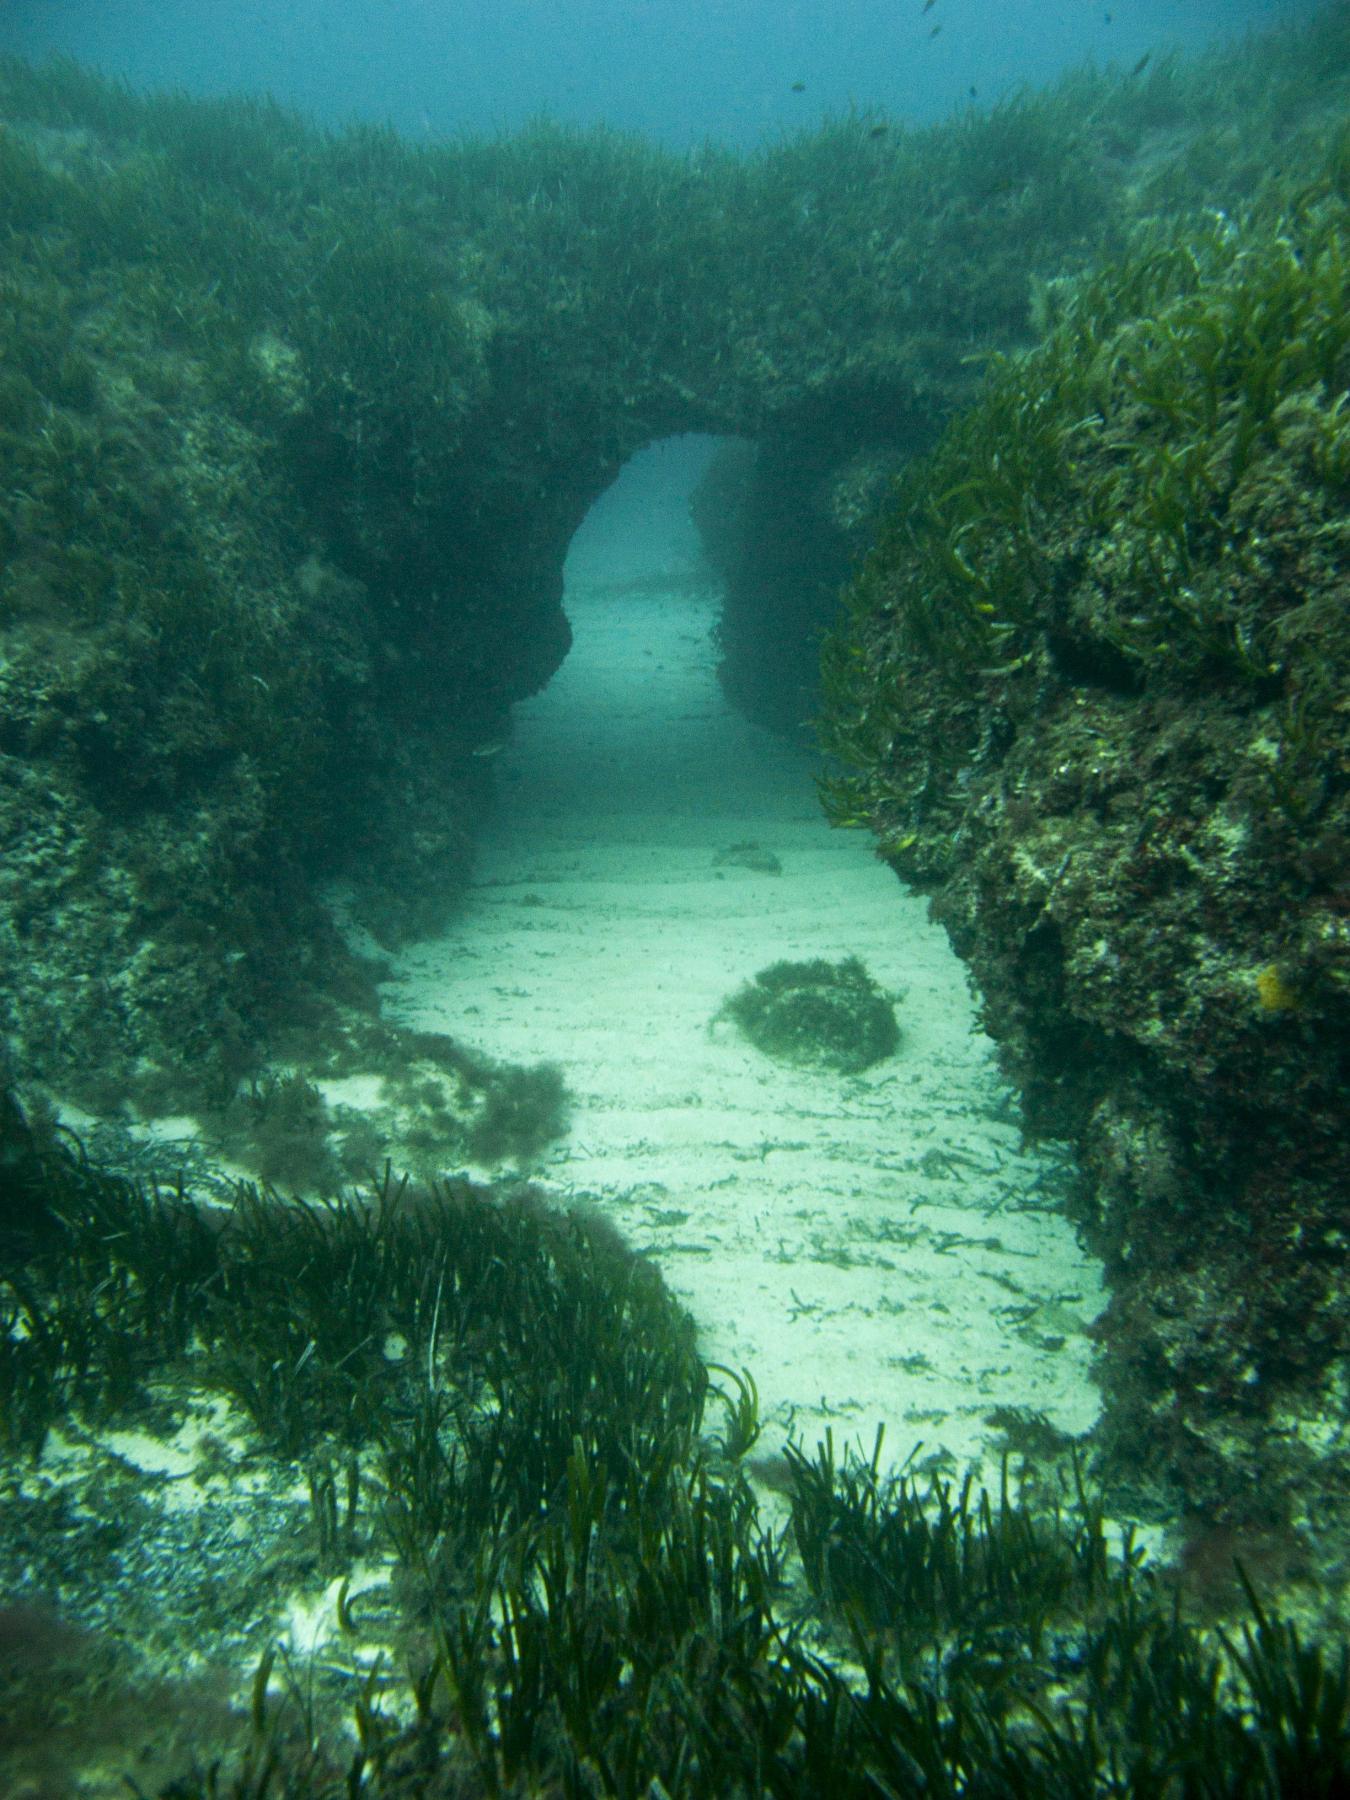 Qawra Point Arch